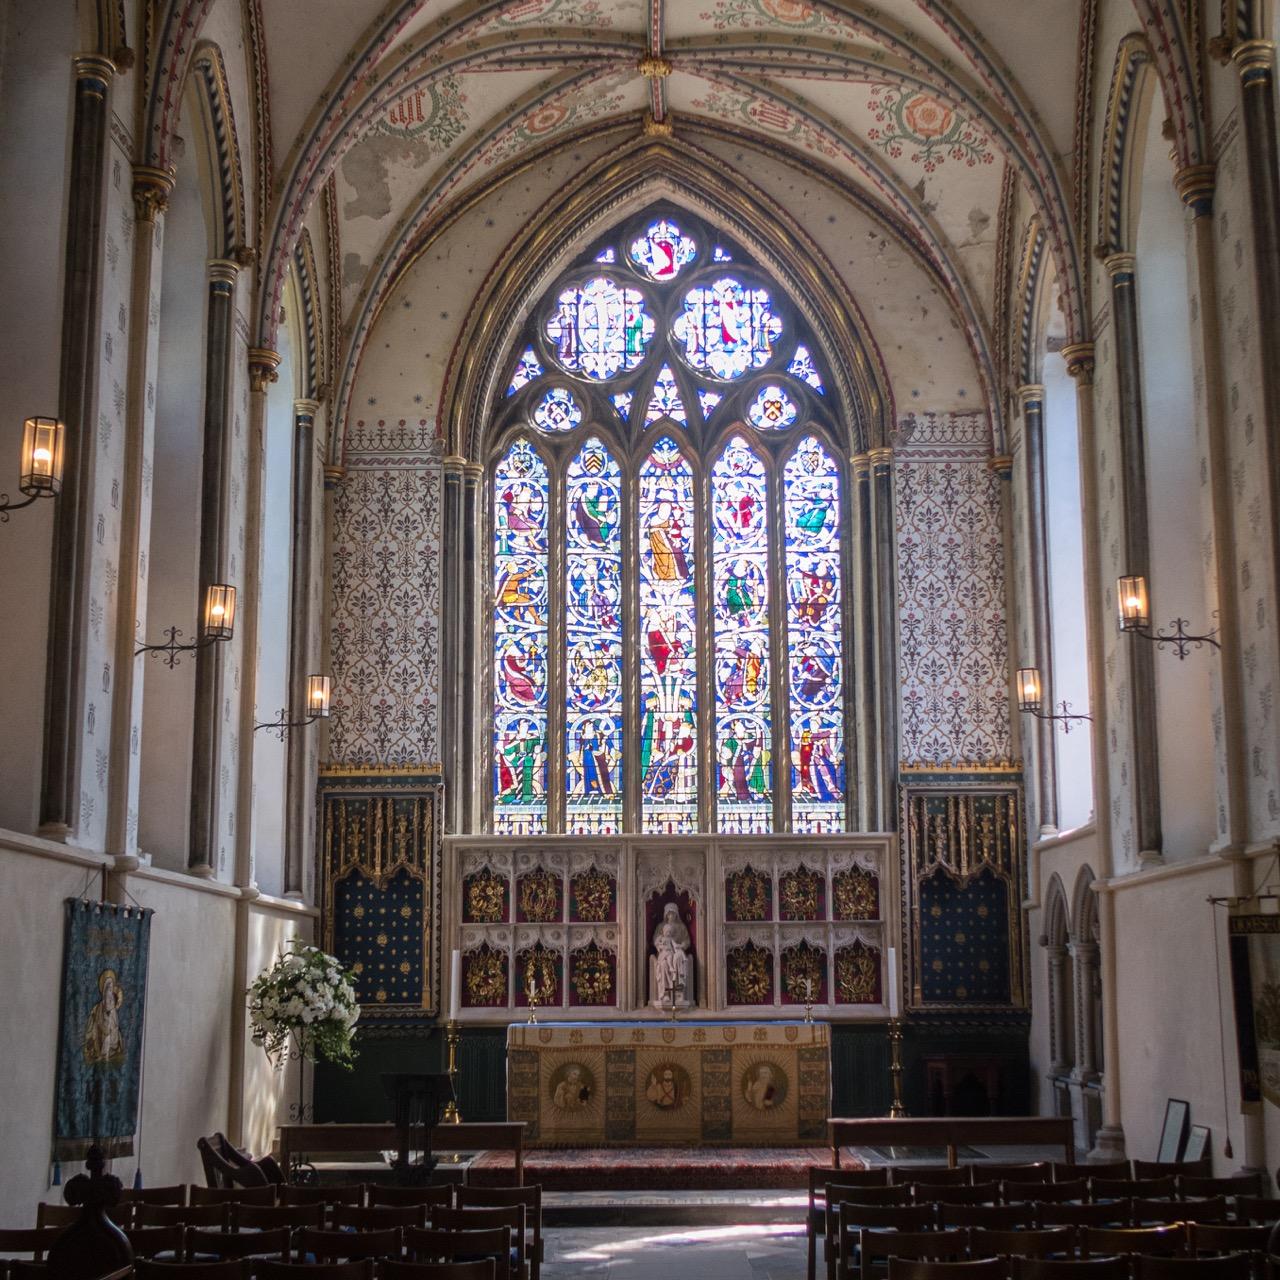 Marienkapelle (Lady Chapel)